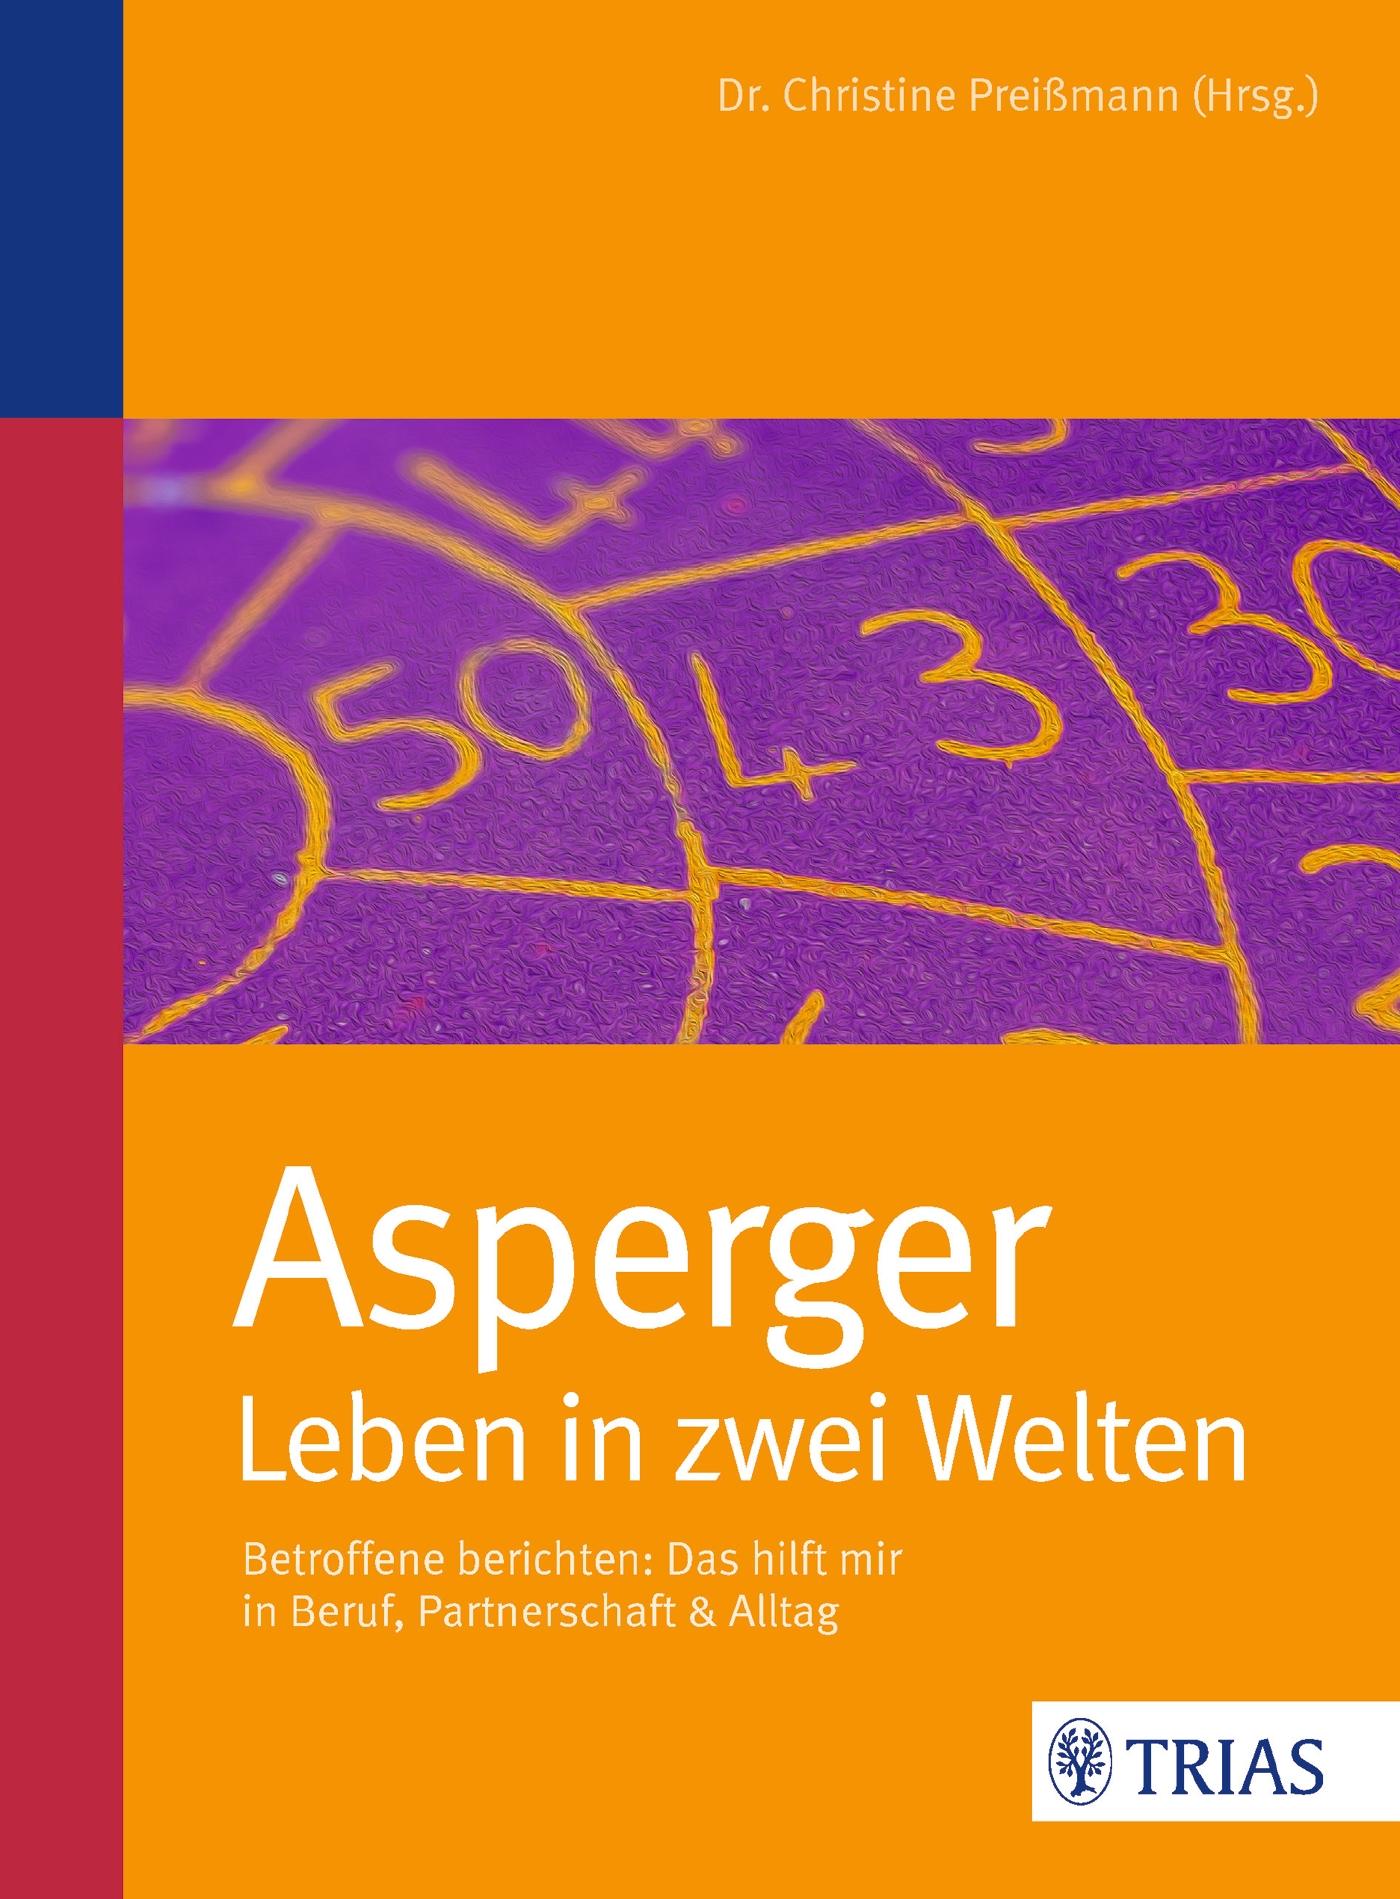 Asperger: Leben in zwei Welten